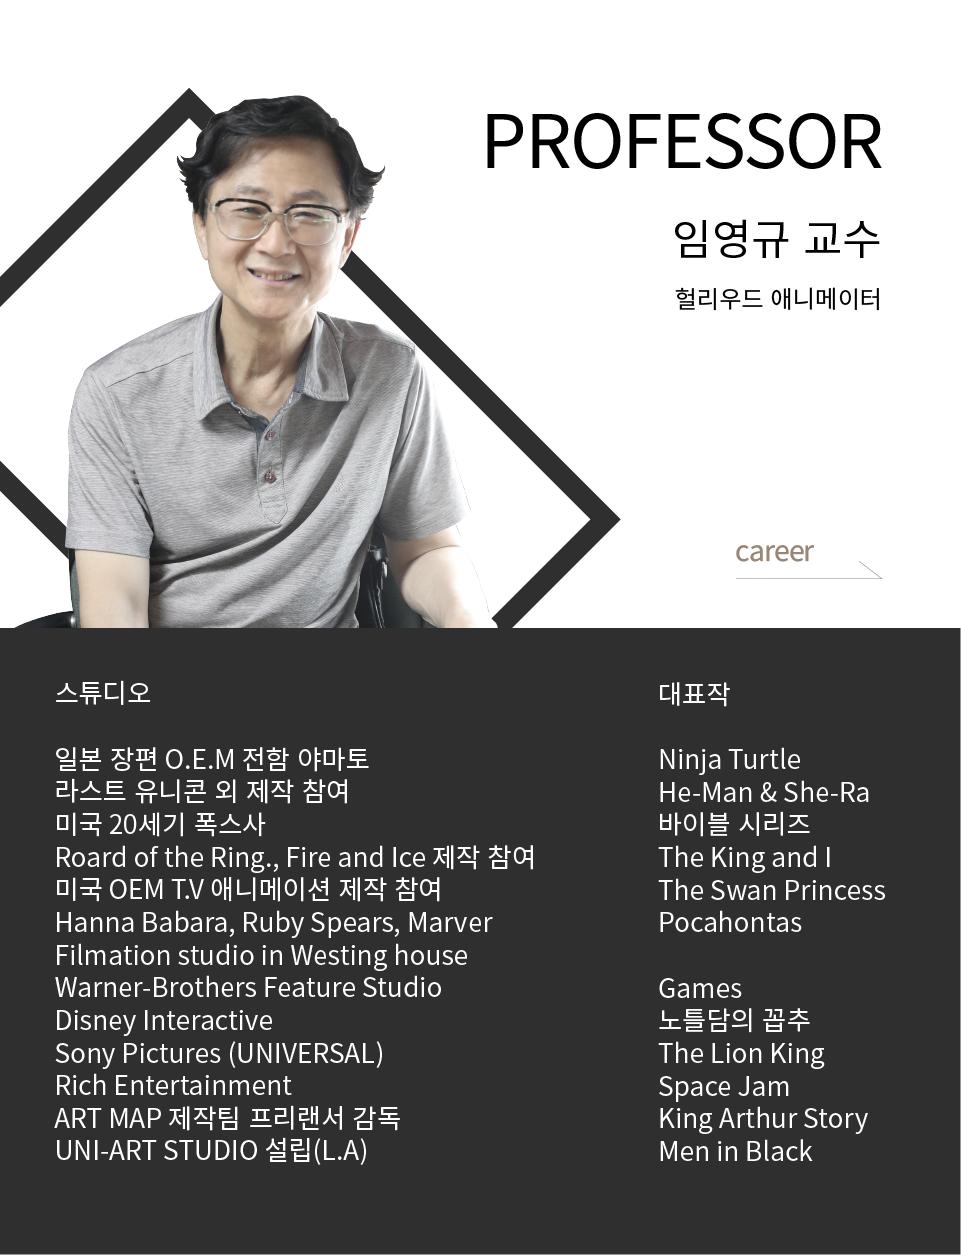 쏘아애니메이션반수강생모집임영규교수